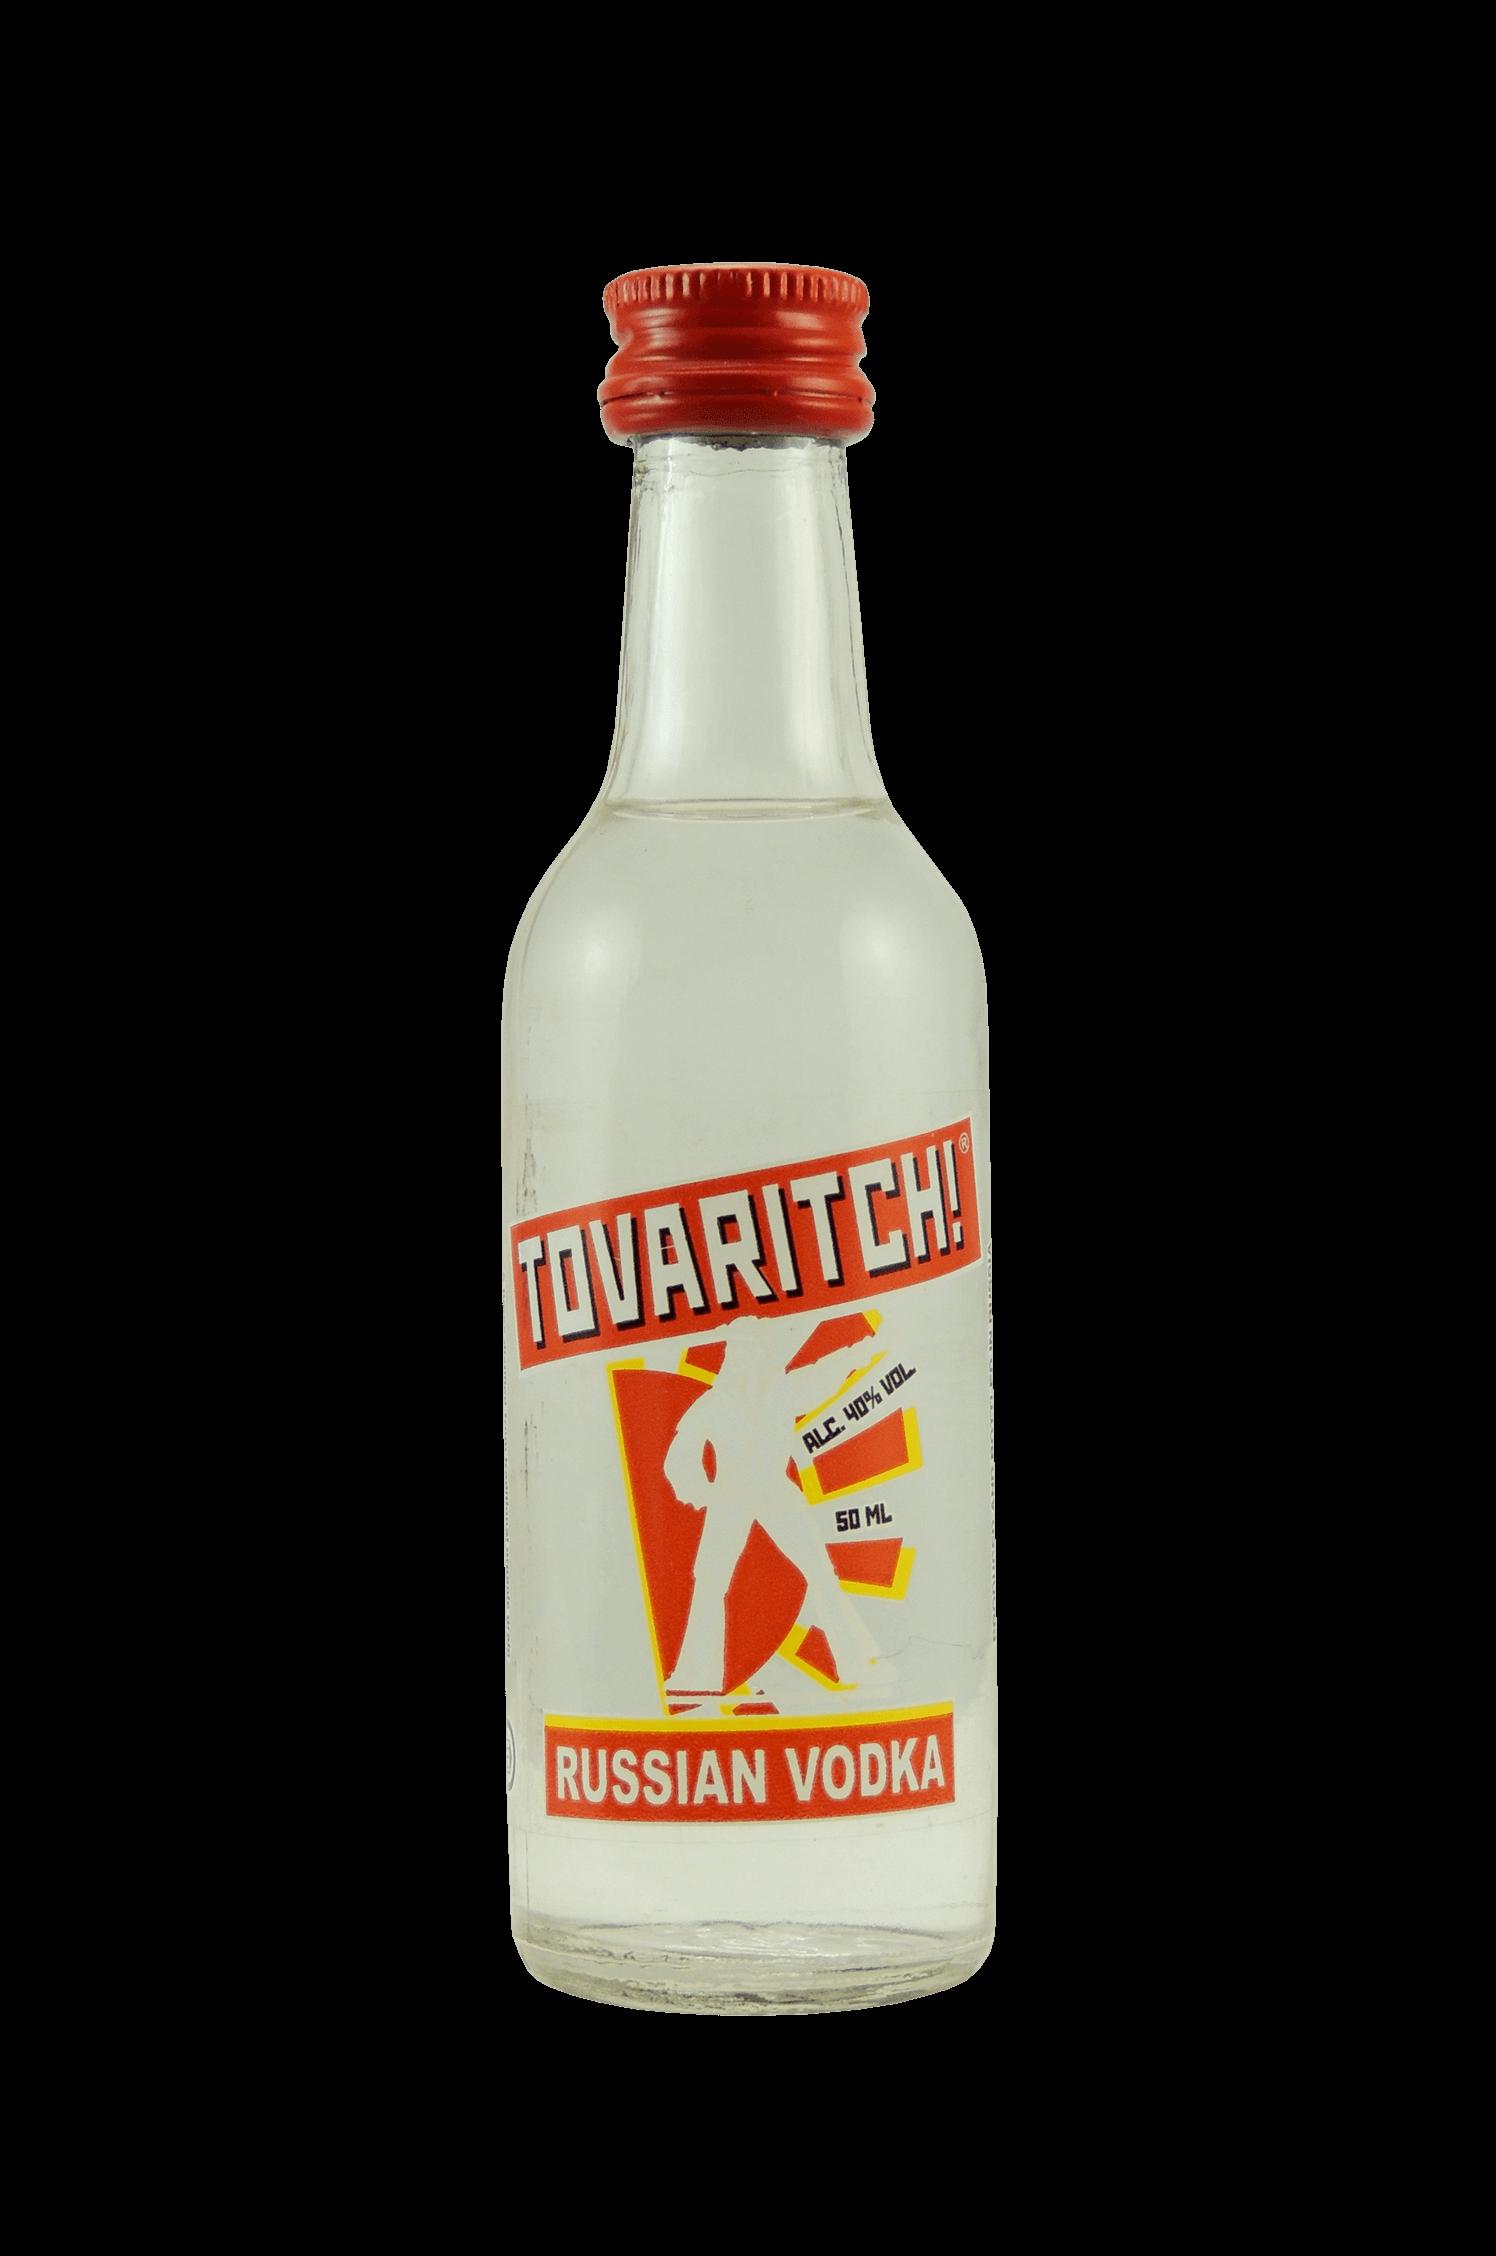 Tovaritch Russian Vodka